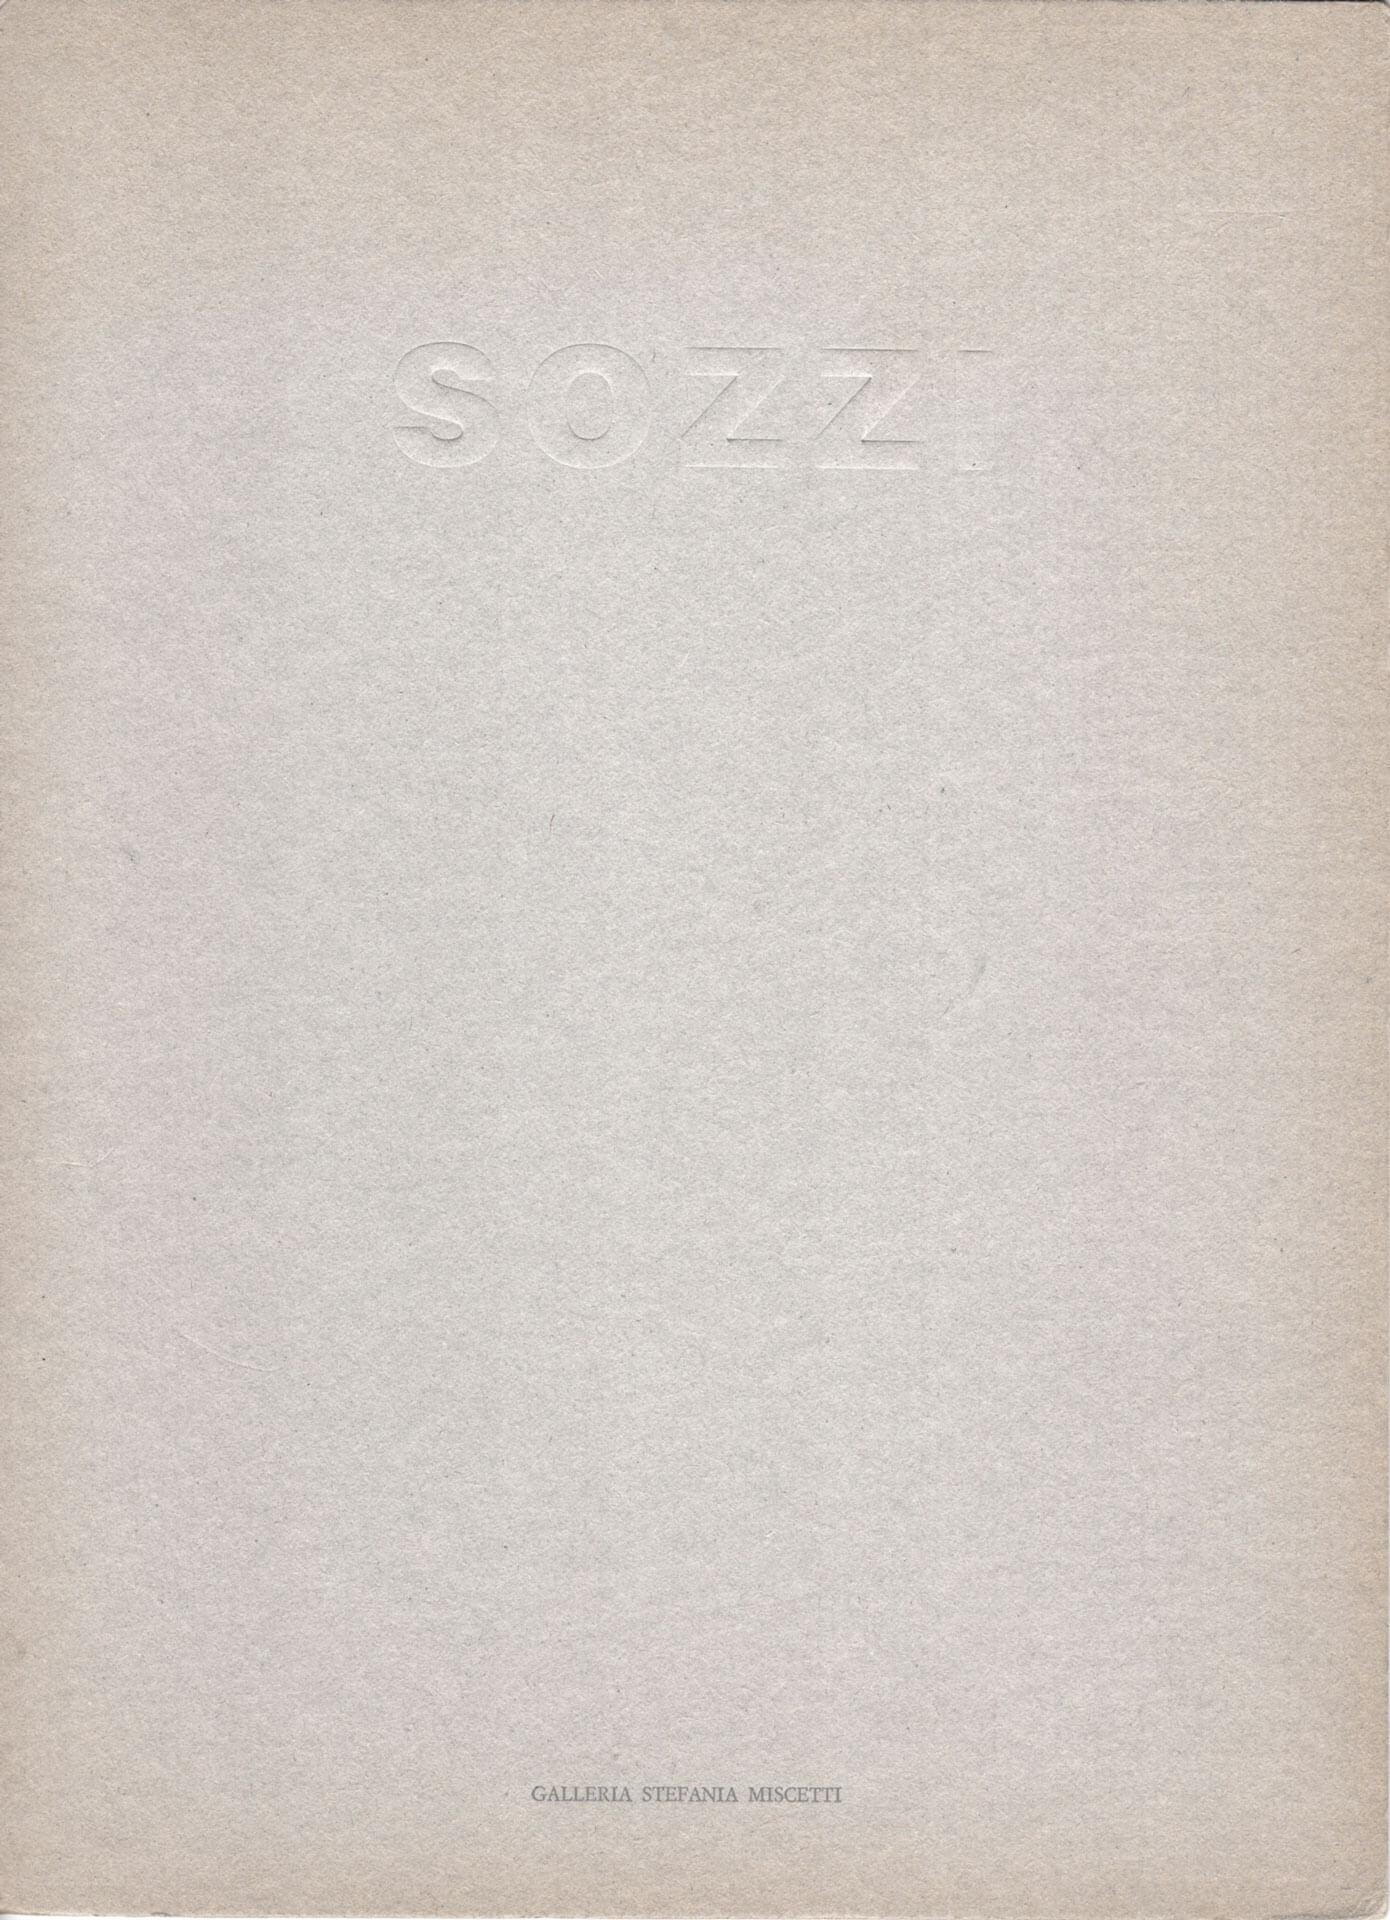 Studio Stefania Miscetti | Catalogues | Gian Domenico Sozzi | Tete a tete